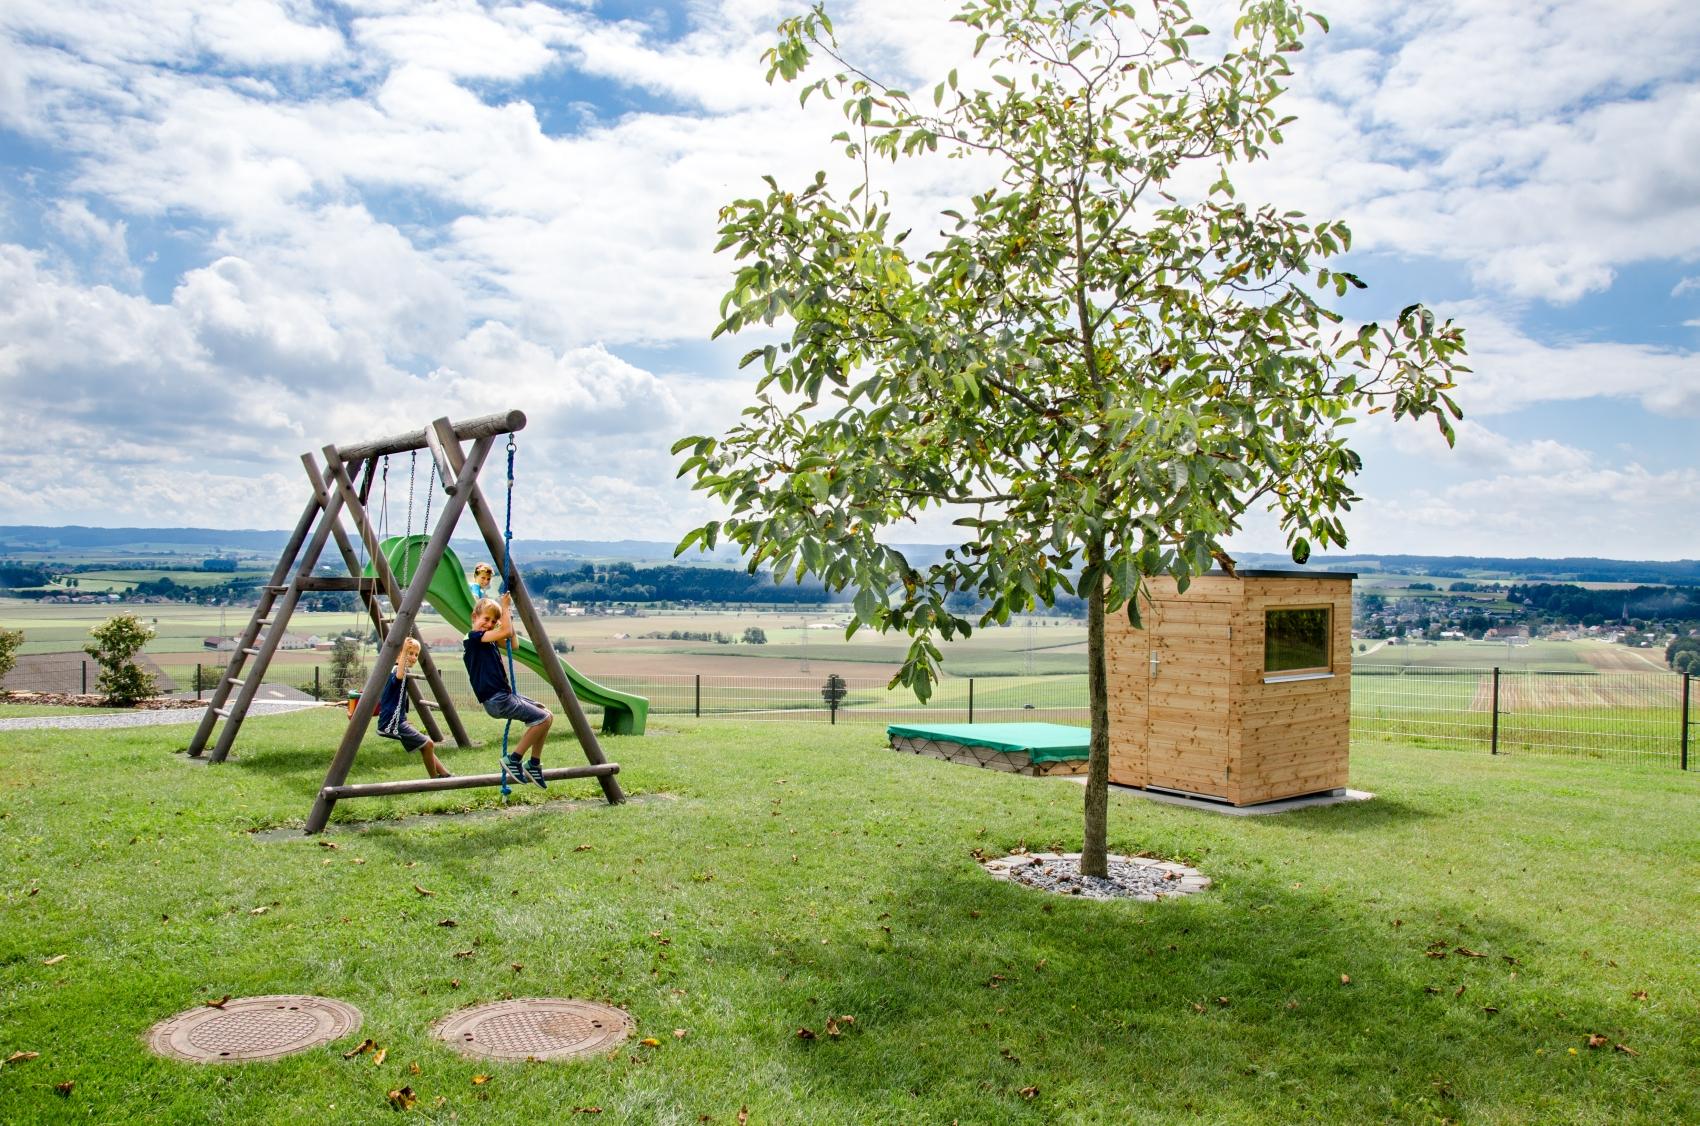 die terrasse zum naturhouse, kinderspielhaus und mülltonnenabdeckung